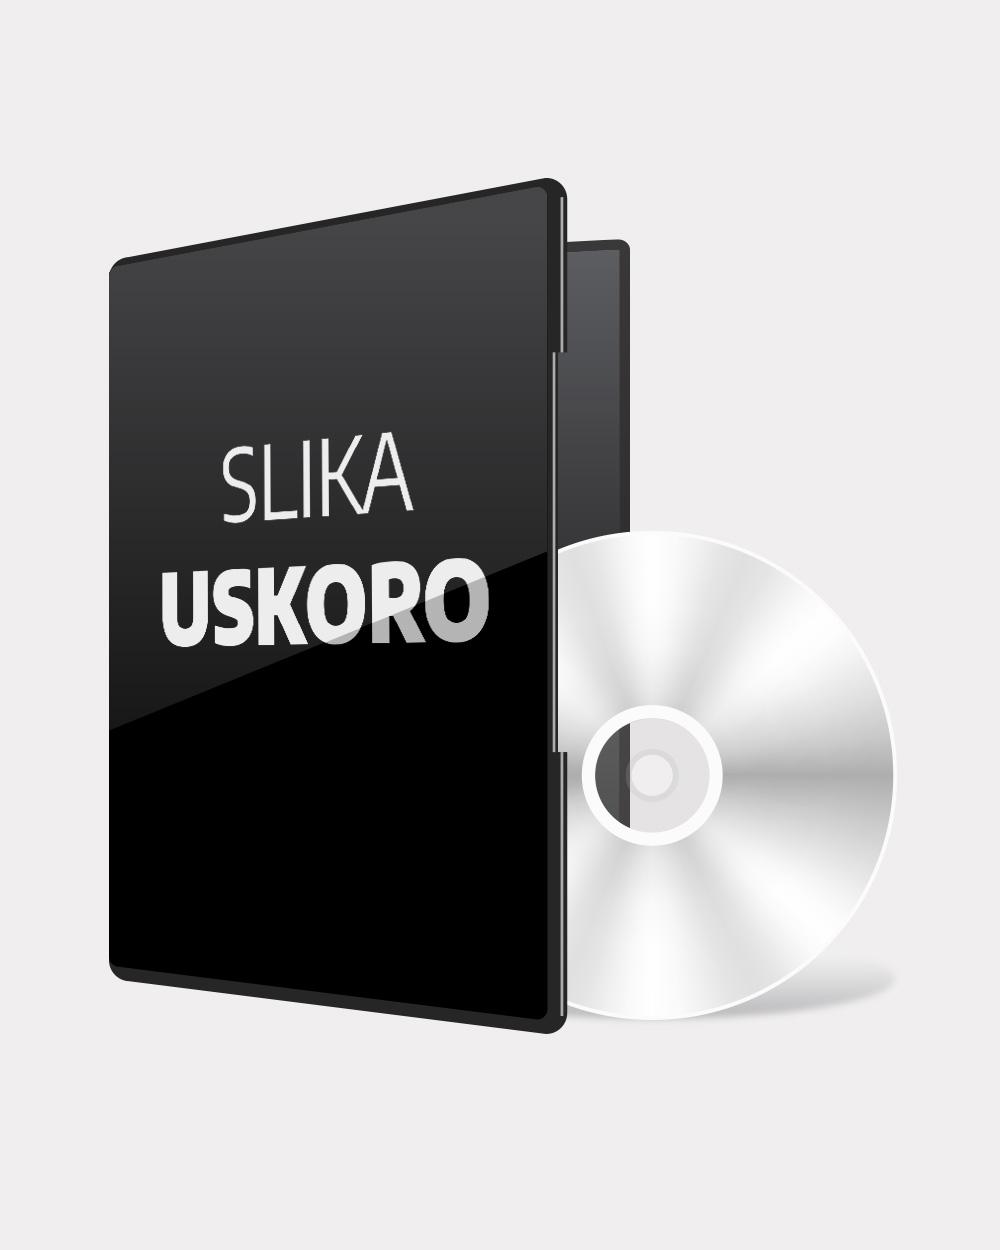 PS4 Code Vein